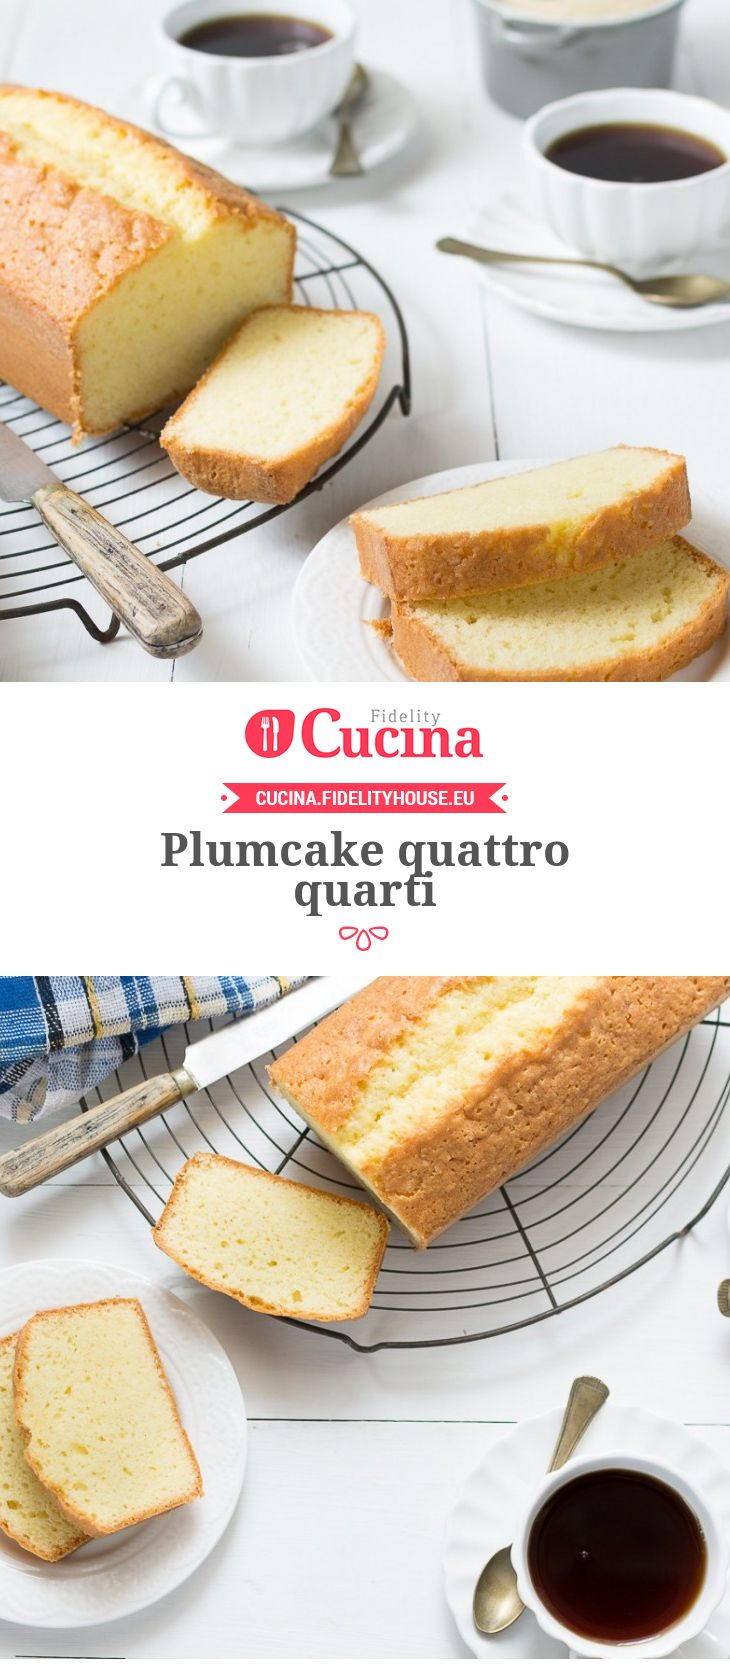 Plumcake quattro quarti